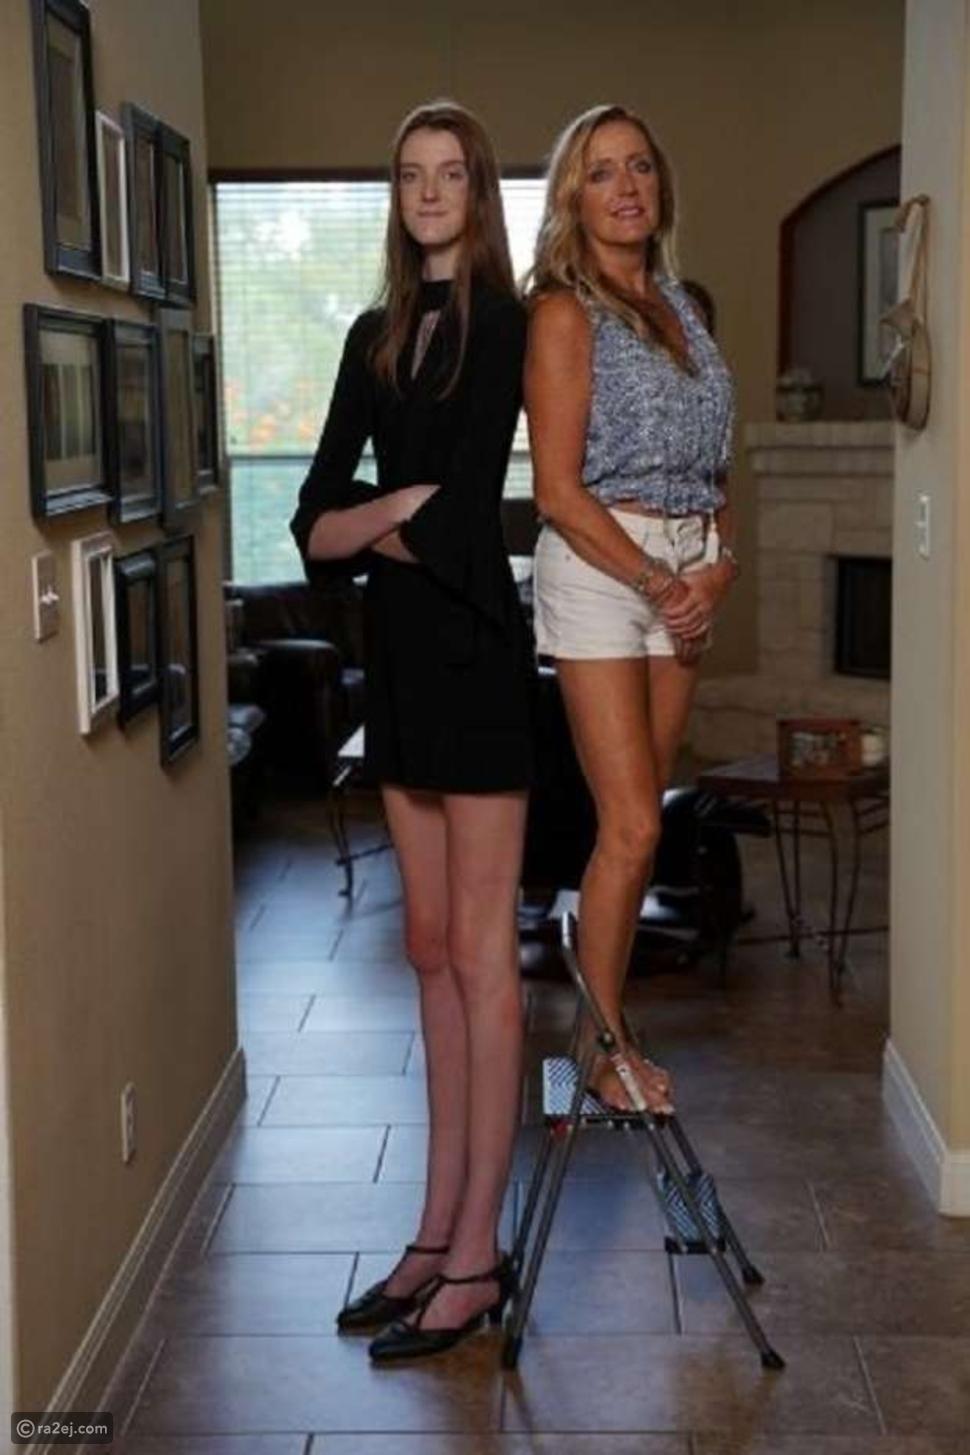 شاهد: فتاة تدخل غينيس بأطول ساقين في العالم